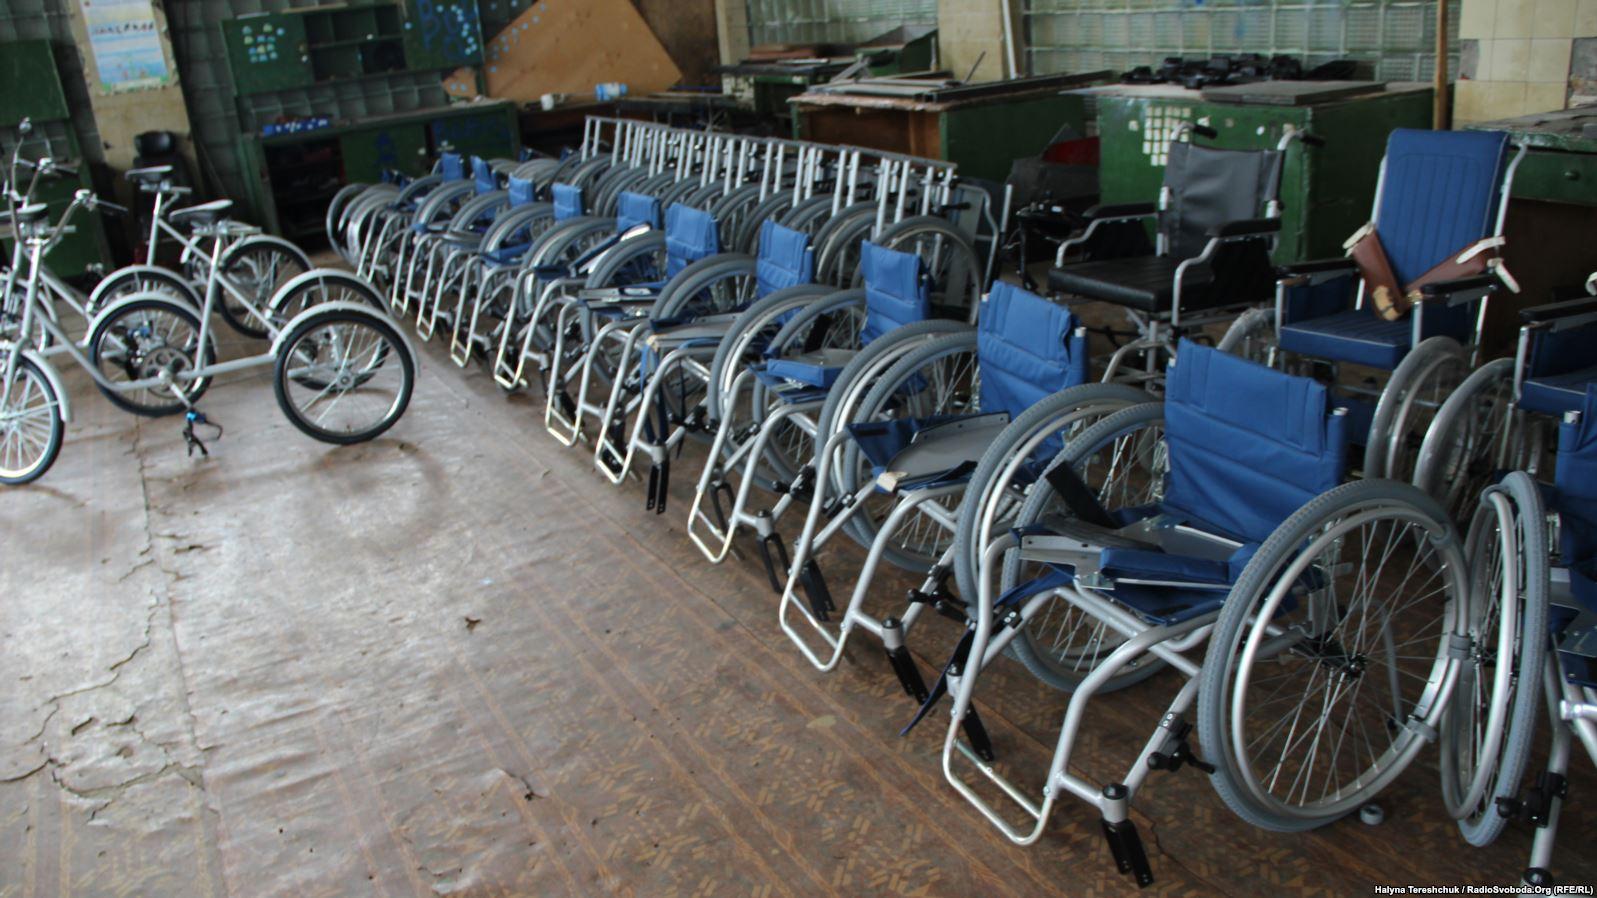 Львівський протезний завод: зупинене виробництво візків і п'ятий місяць працівники без зарплати